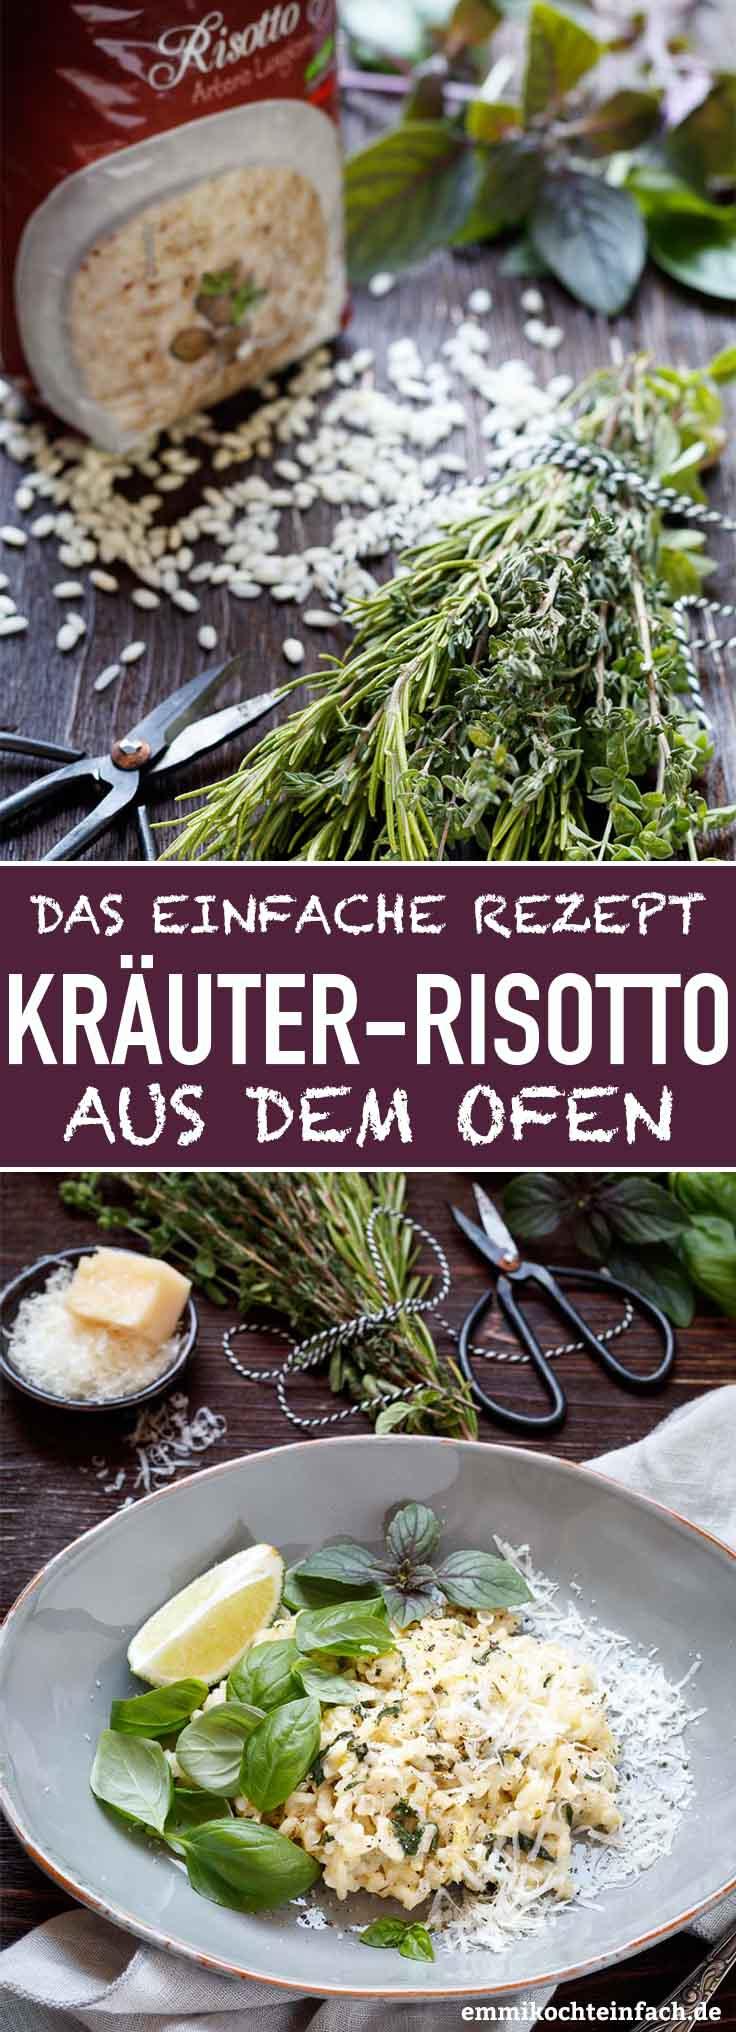 Kräuter-Risotto aus dem Ofen - www.emmikochteinfach.de